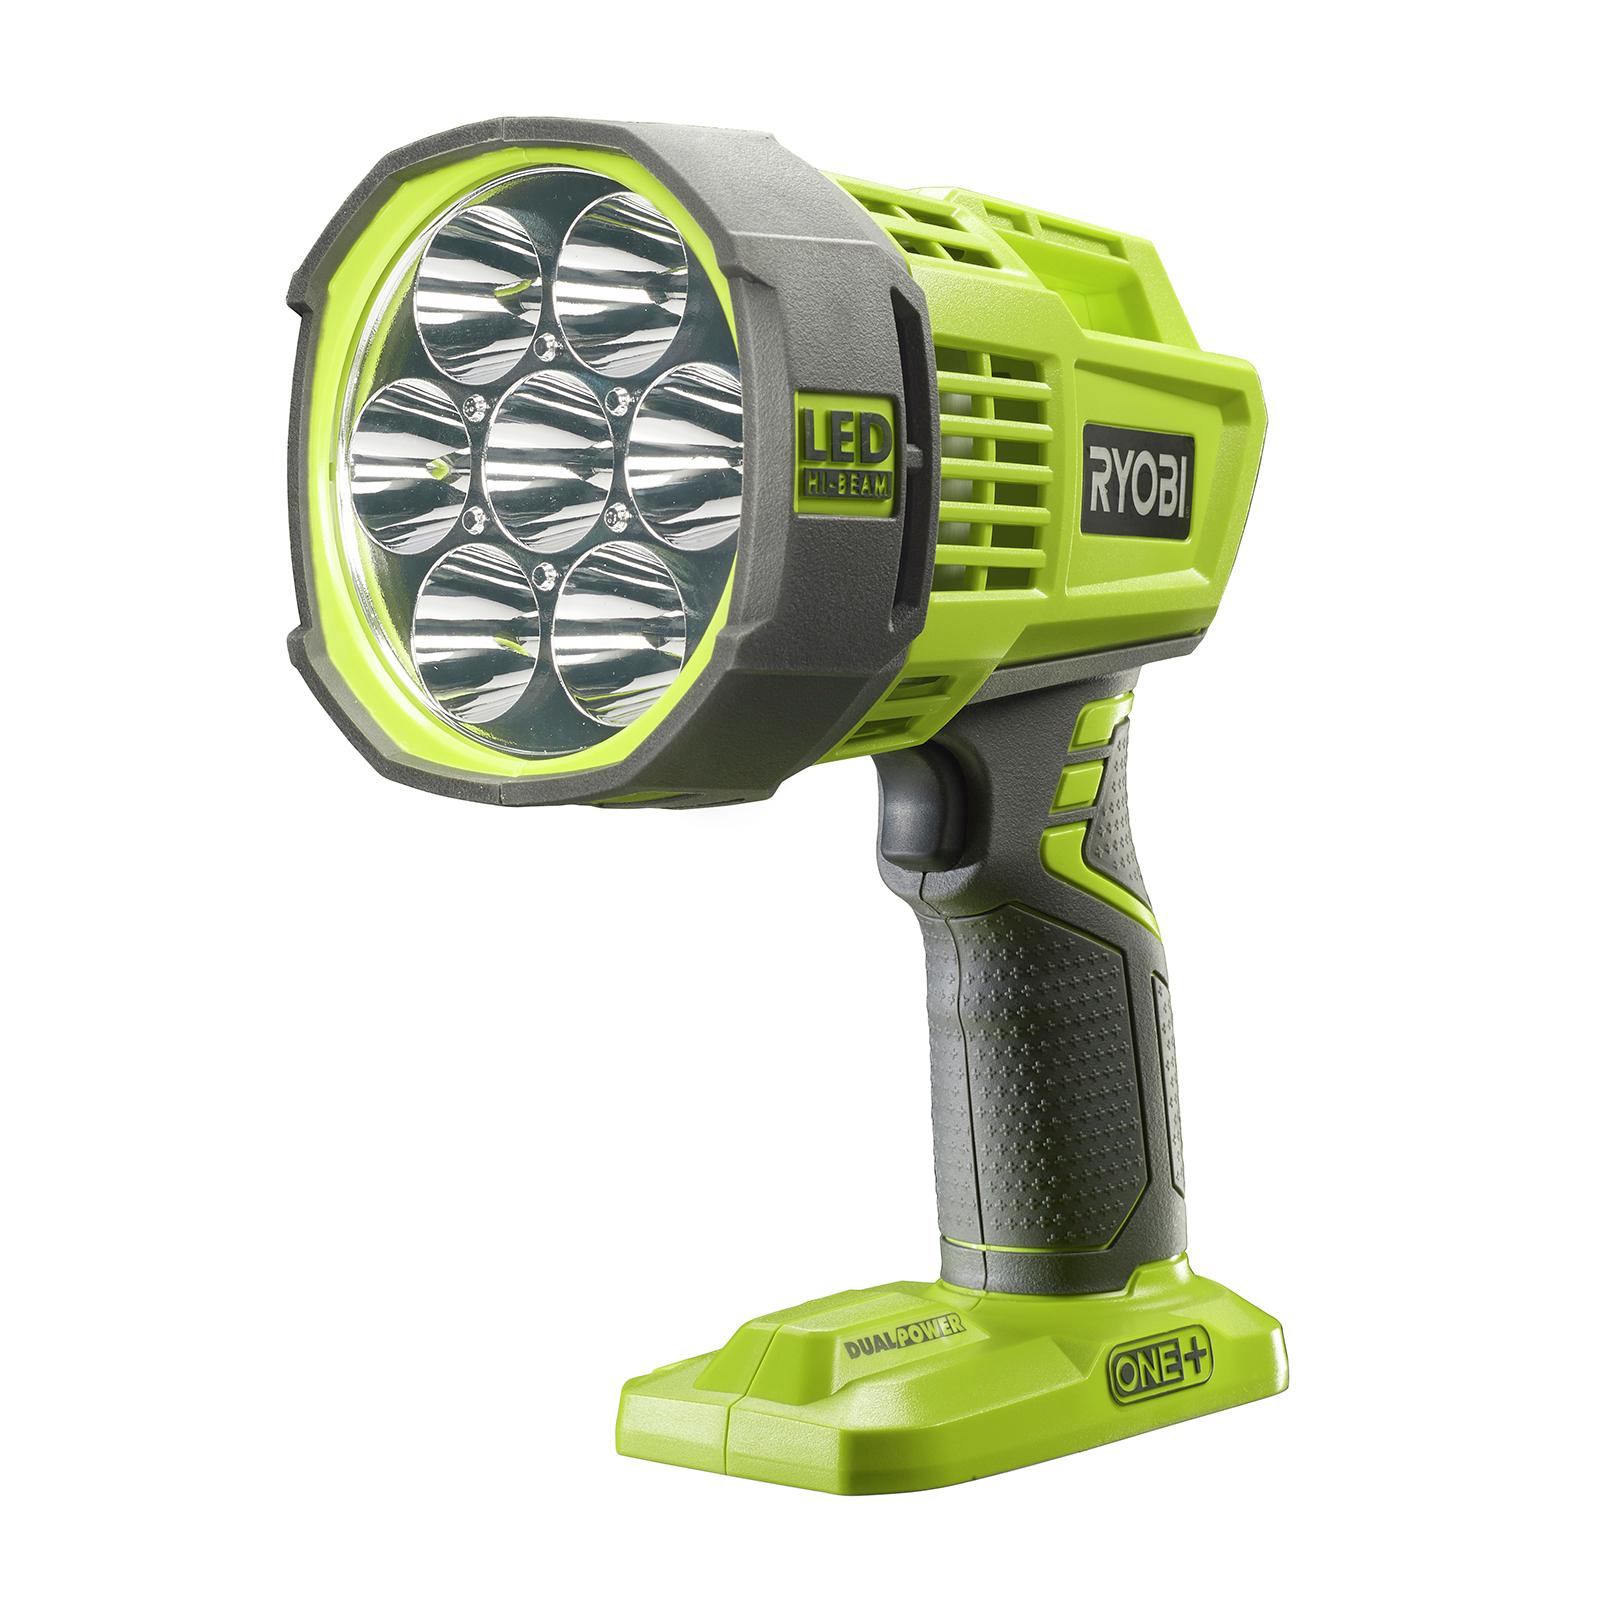 Ryobi One+ 18V LED Spotlight - Skin Only